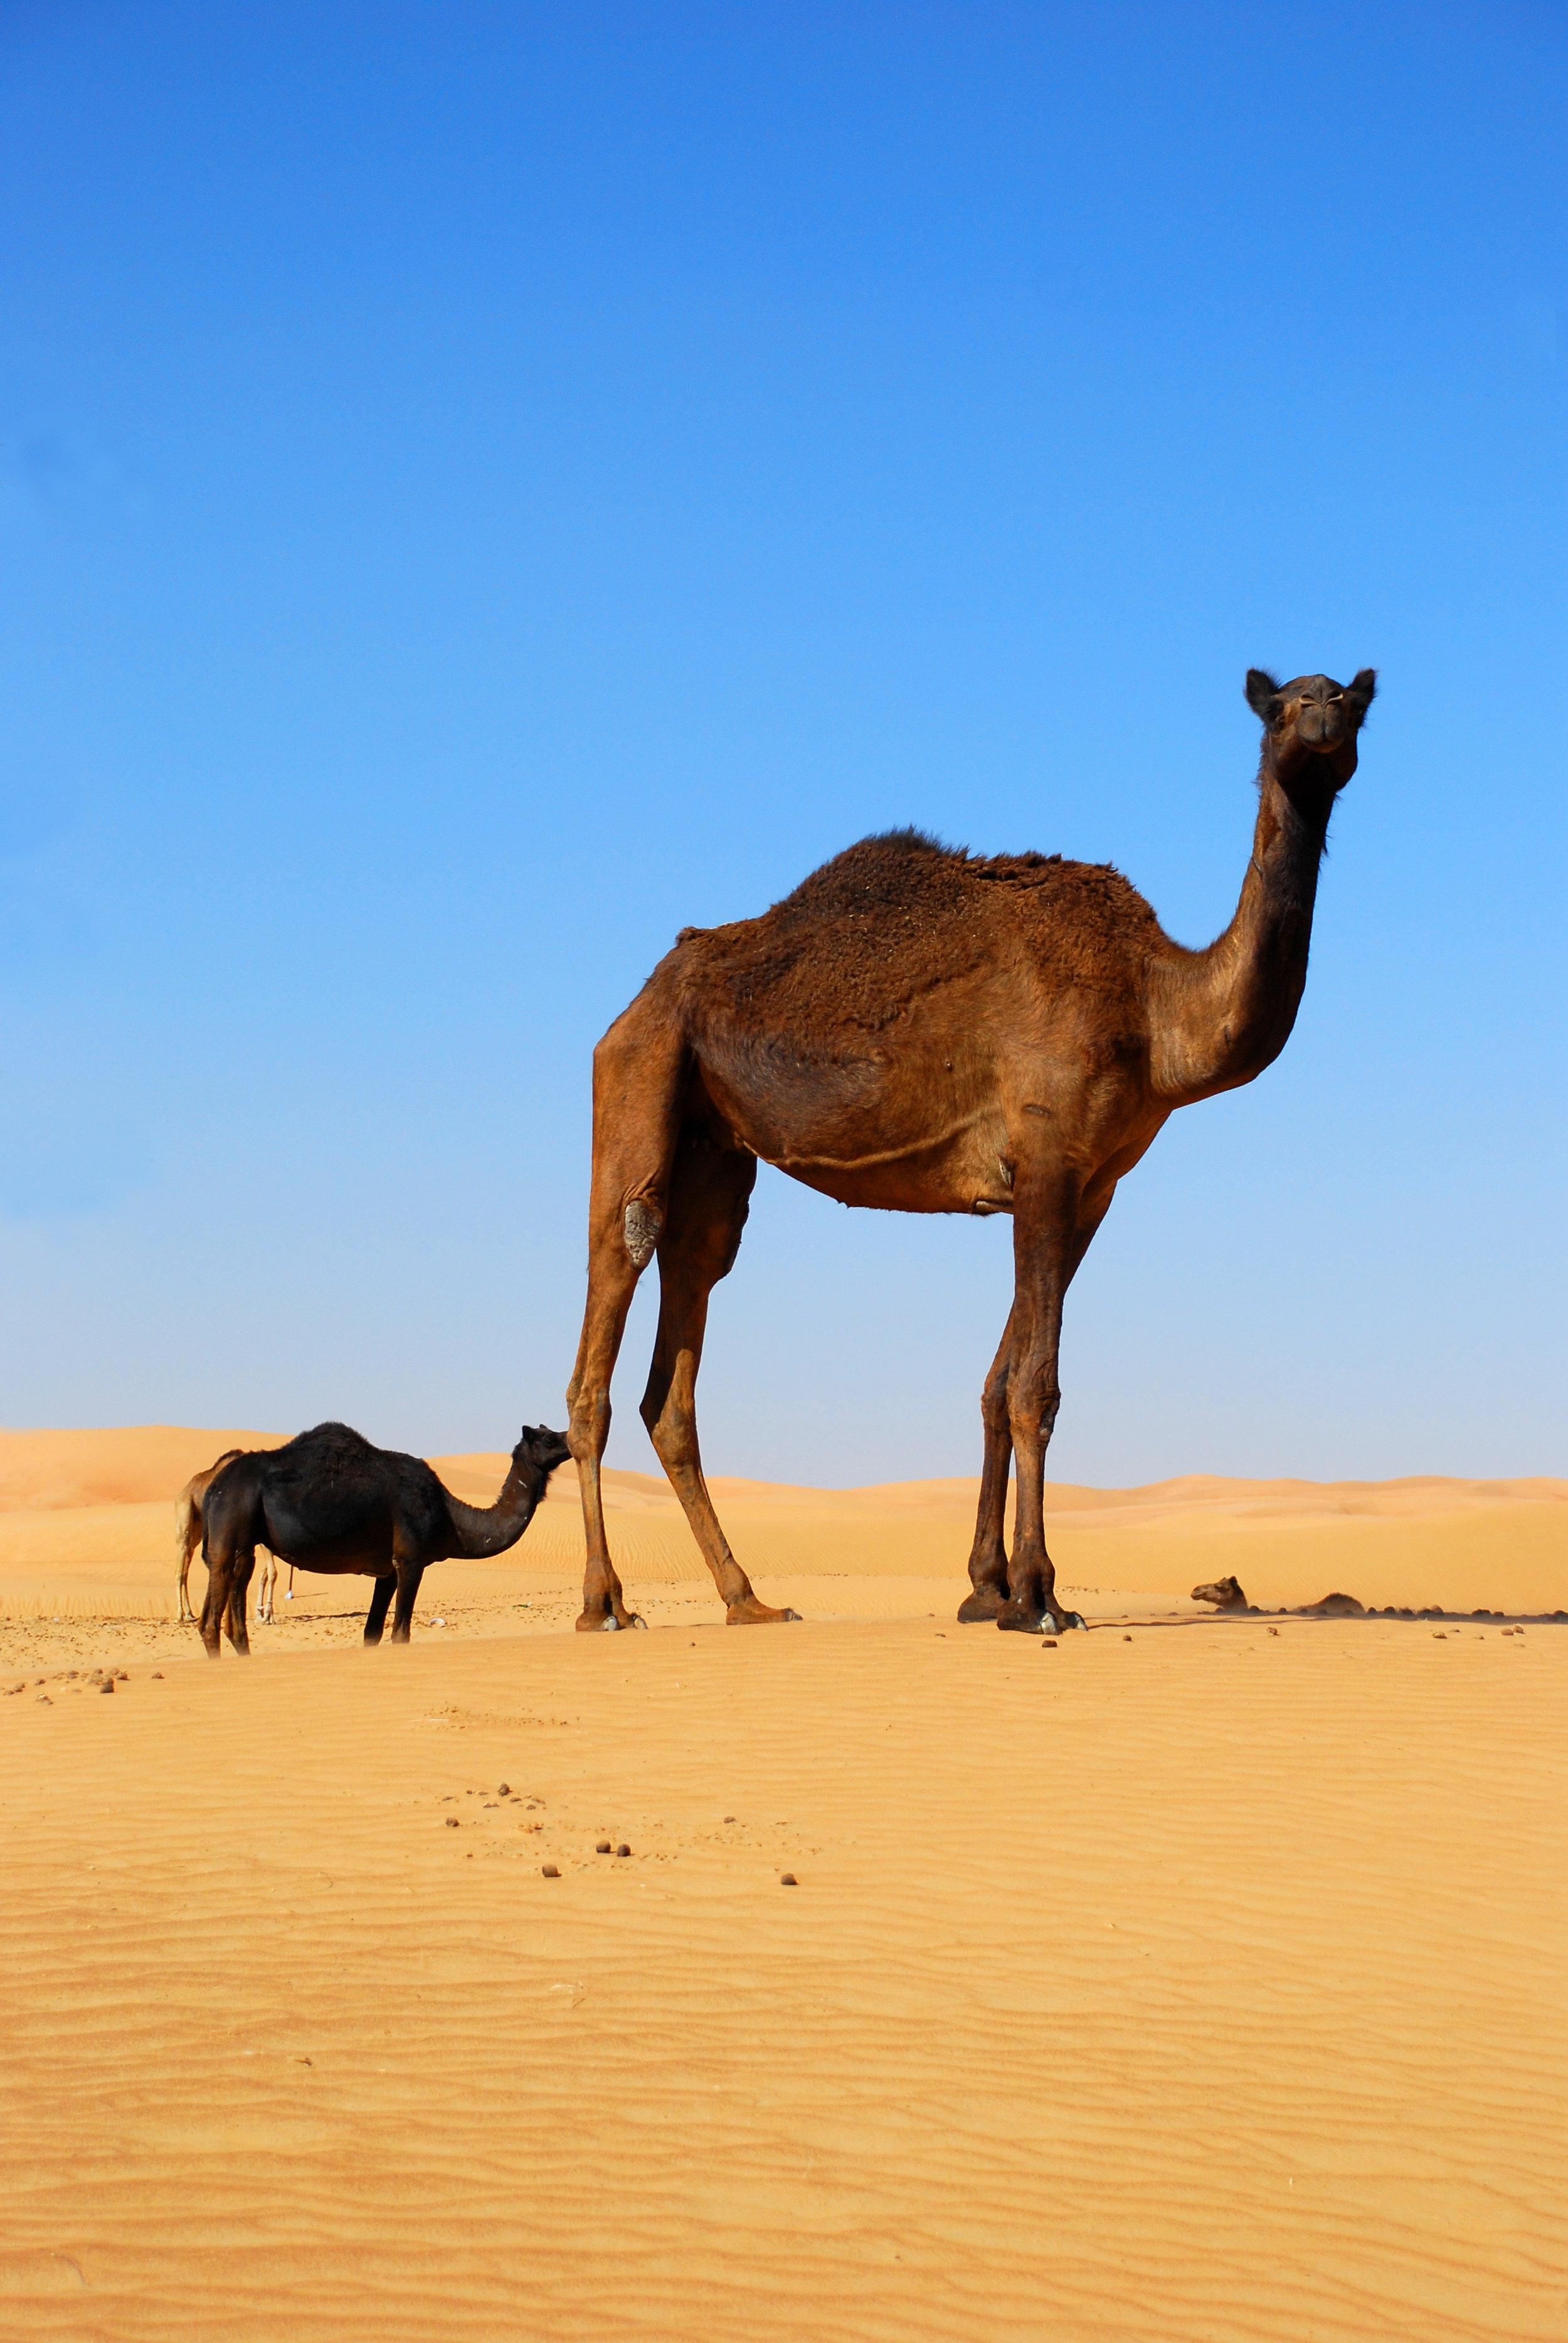 Å svelge kameler, store som små, handler om å innrømme nederlag eller gå på akkord med egne premisser. Foto:  Kevin Botto , CC-BY-ND 2.0.